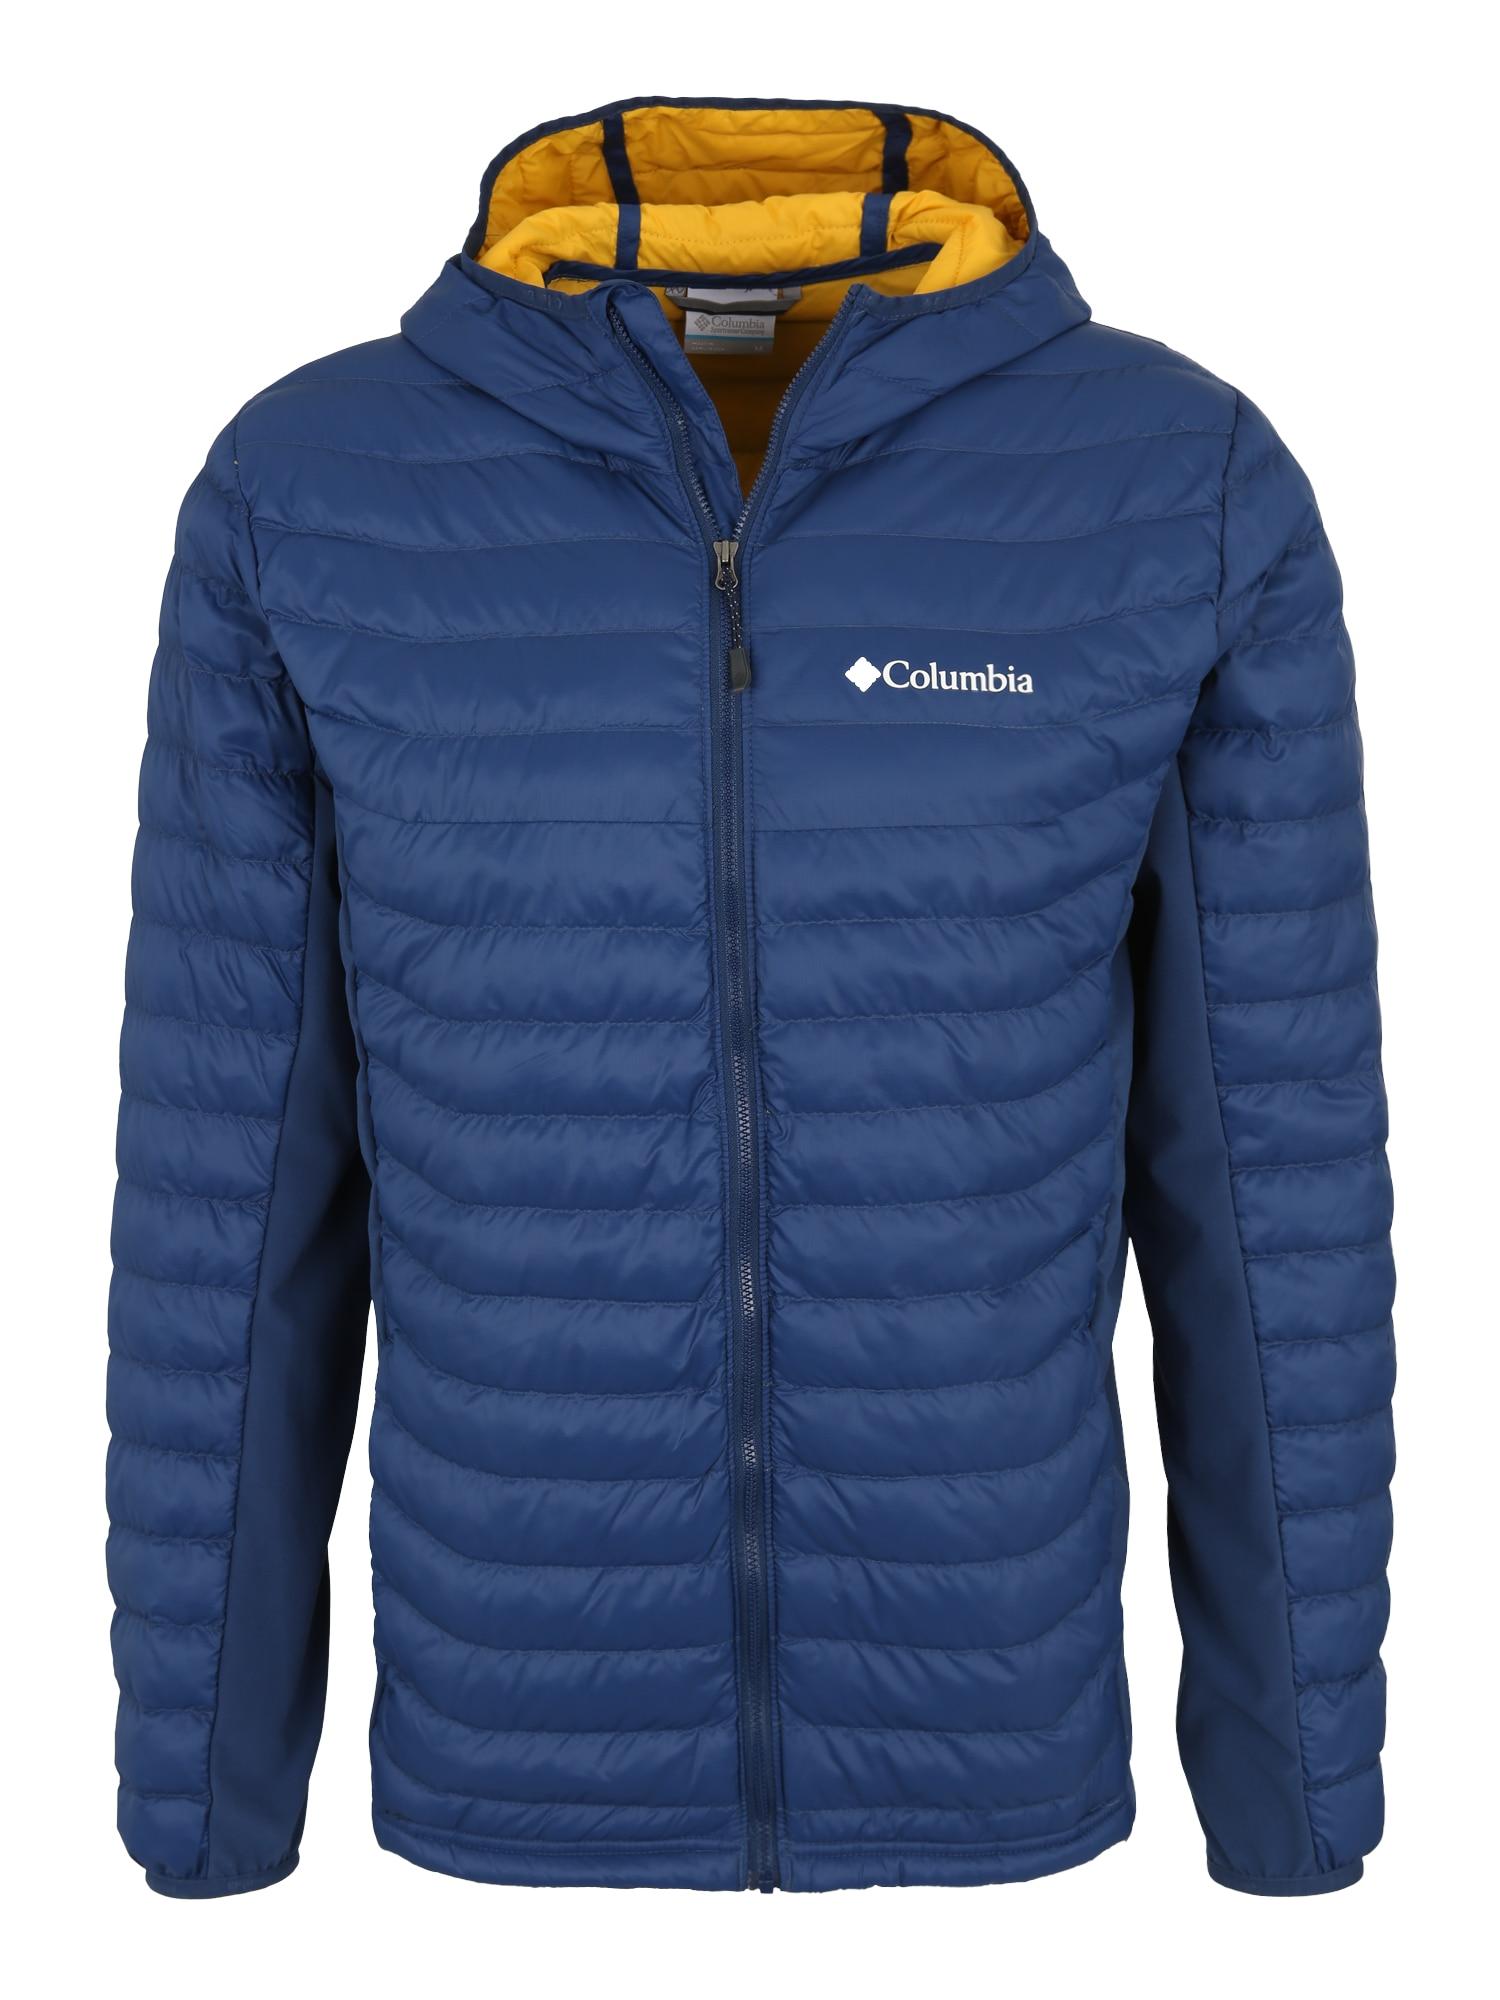 Sportovní bunda Powder Pass Hooded tmavě modrá COLUMBIA